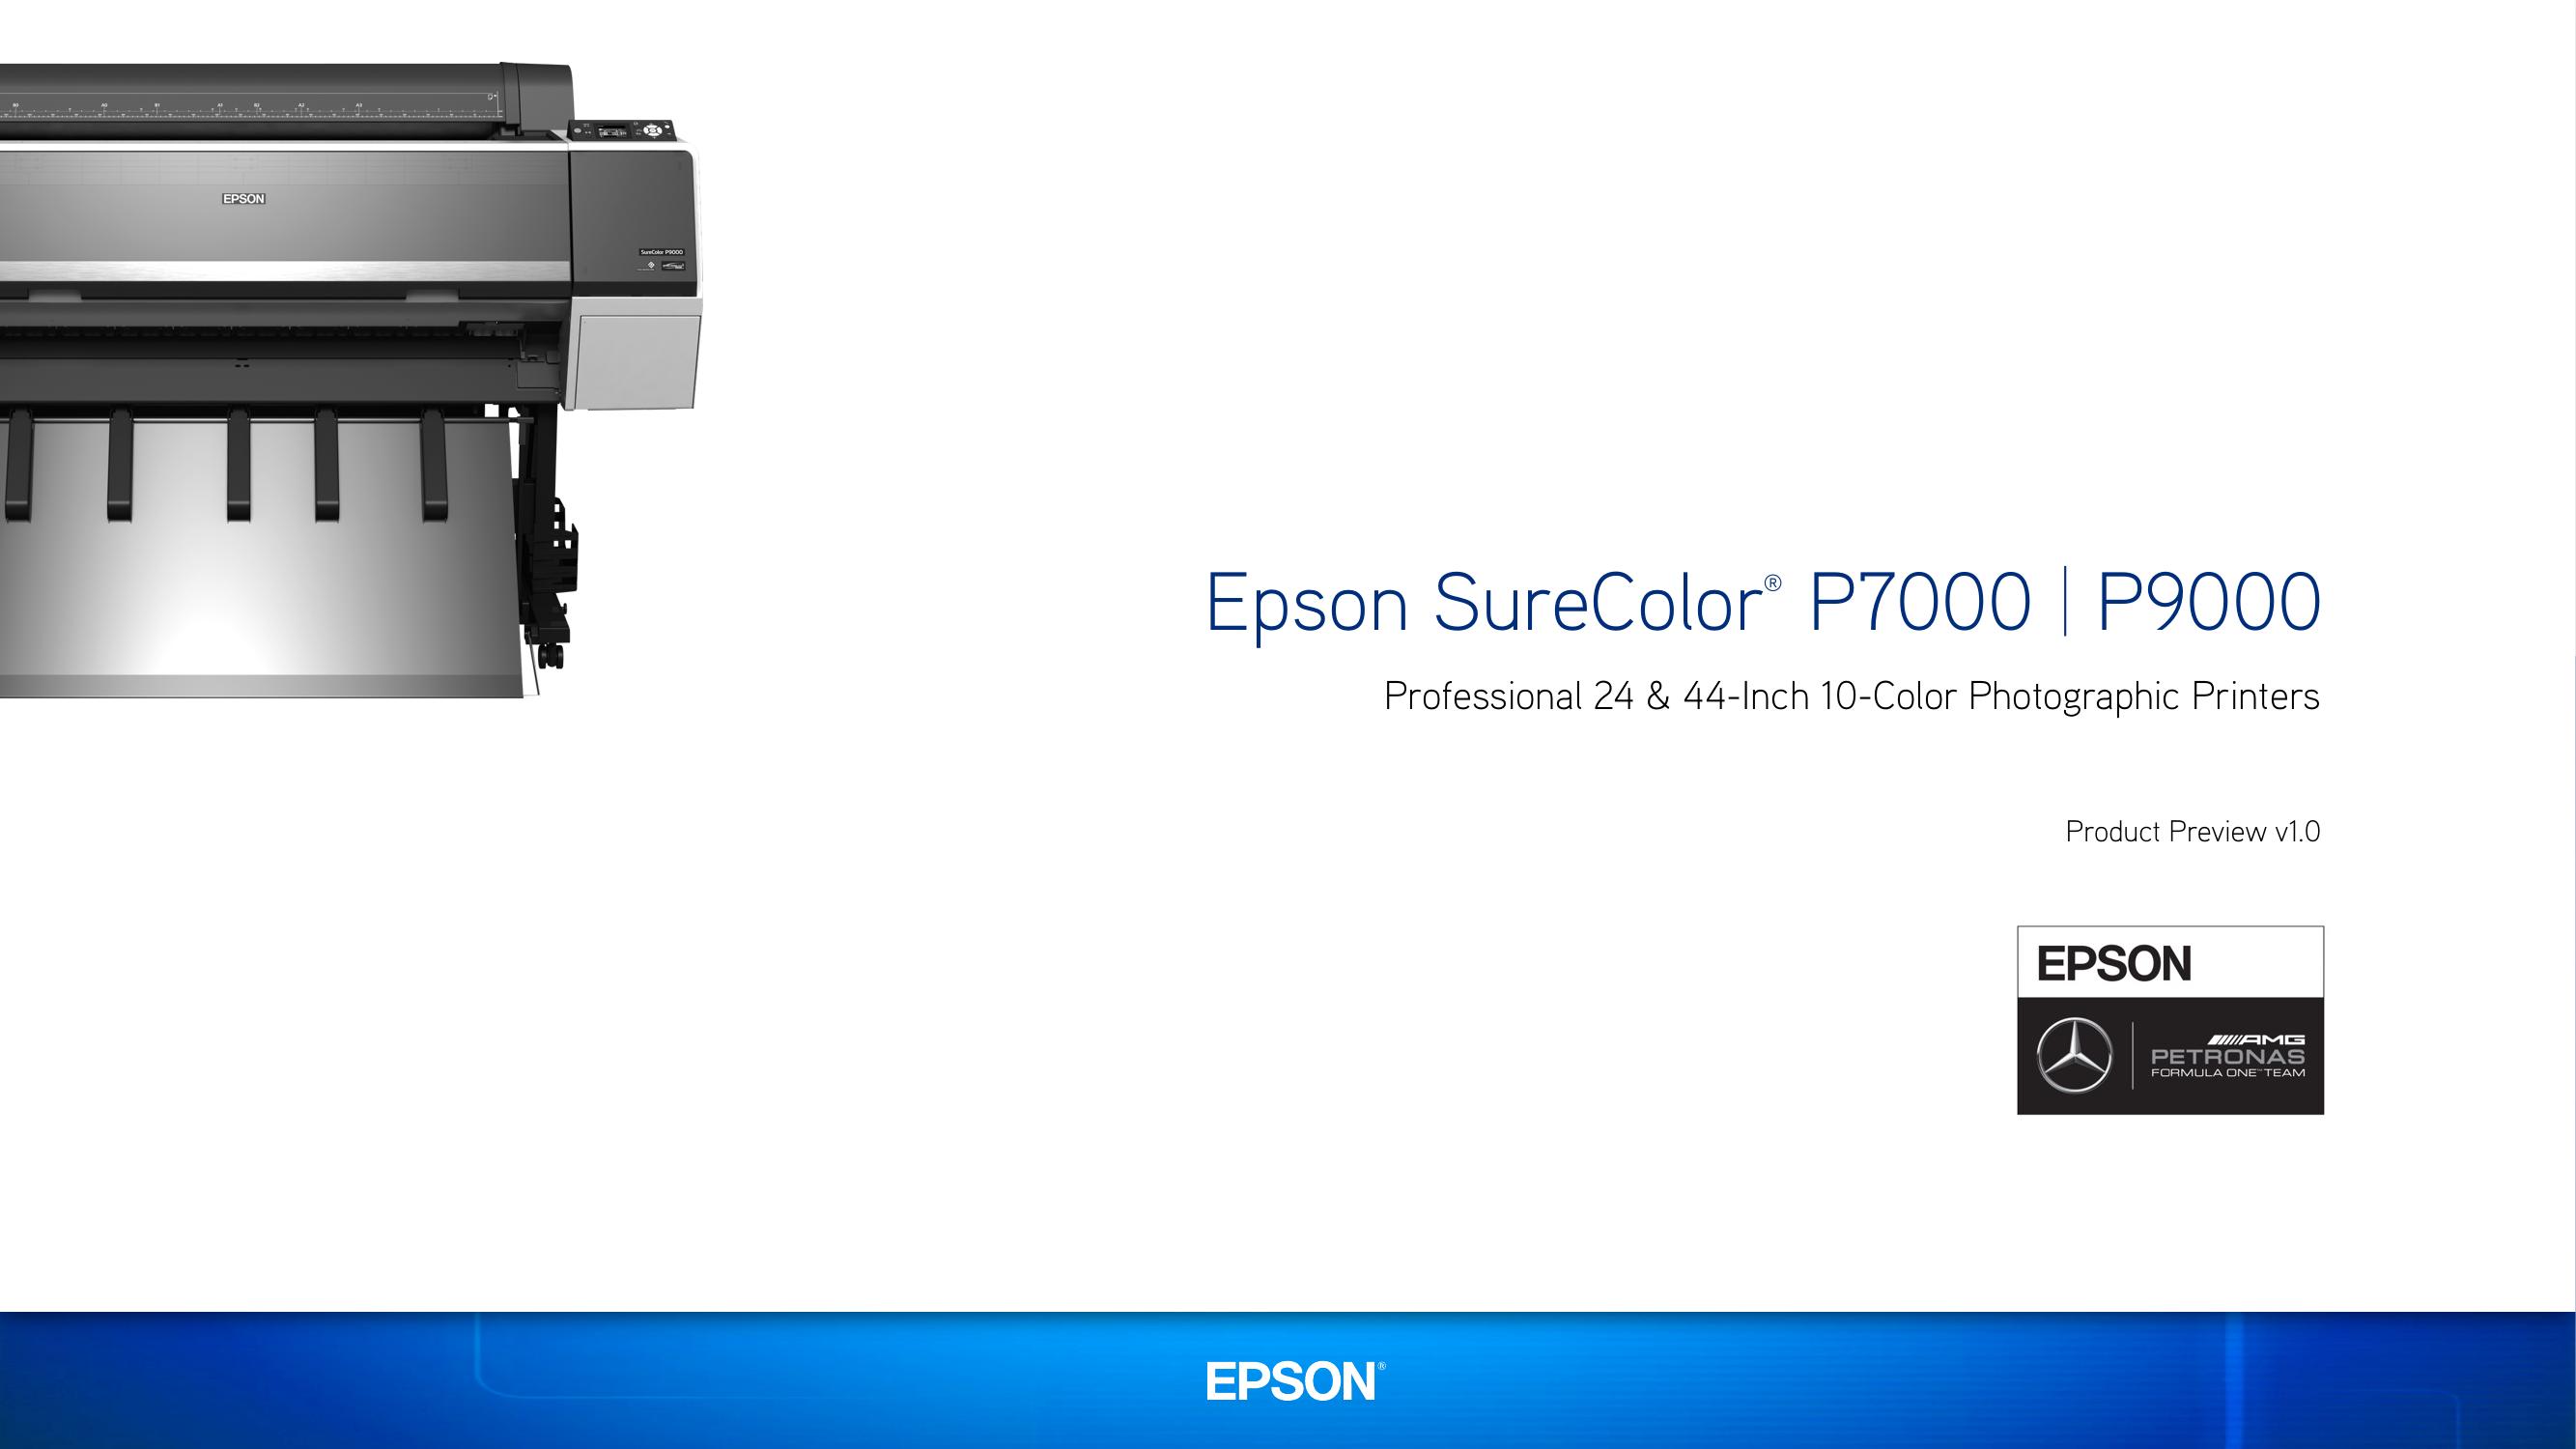 Epson SureColor P7000_P9000 PRV v1d | manualzz com